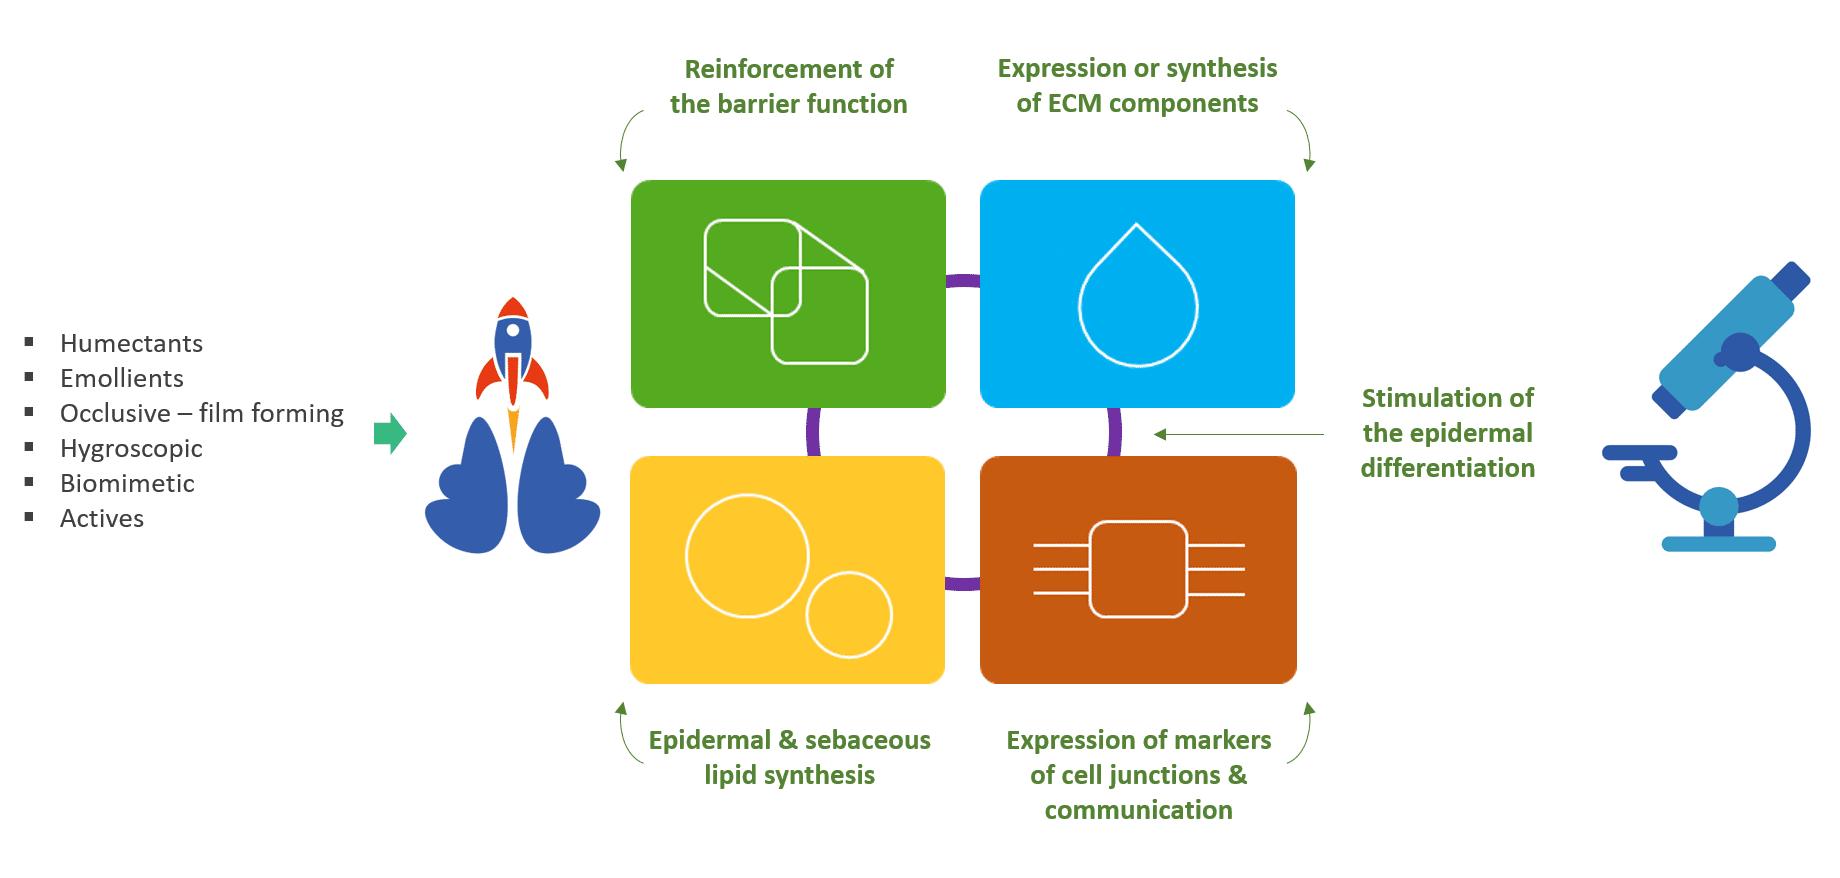 Evaluation des propriétés structurelles de l'épiderme - fonction barrière